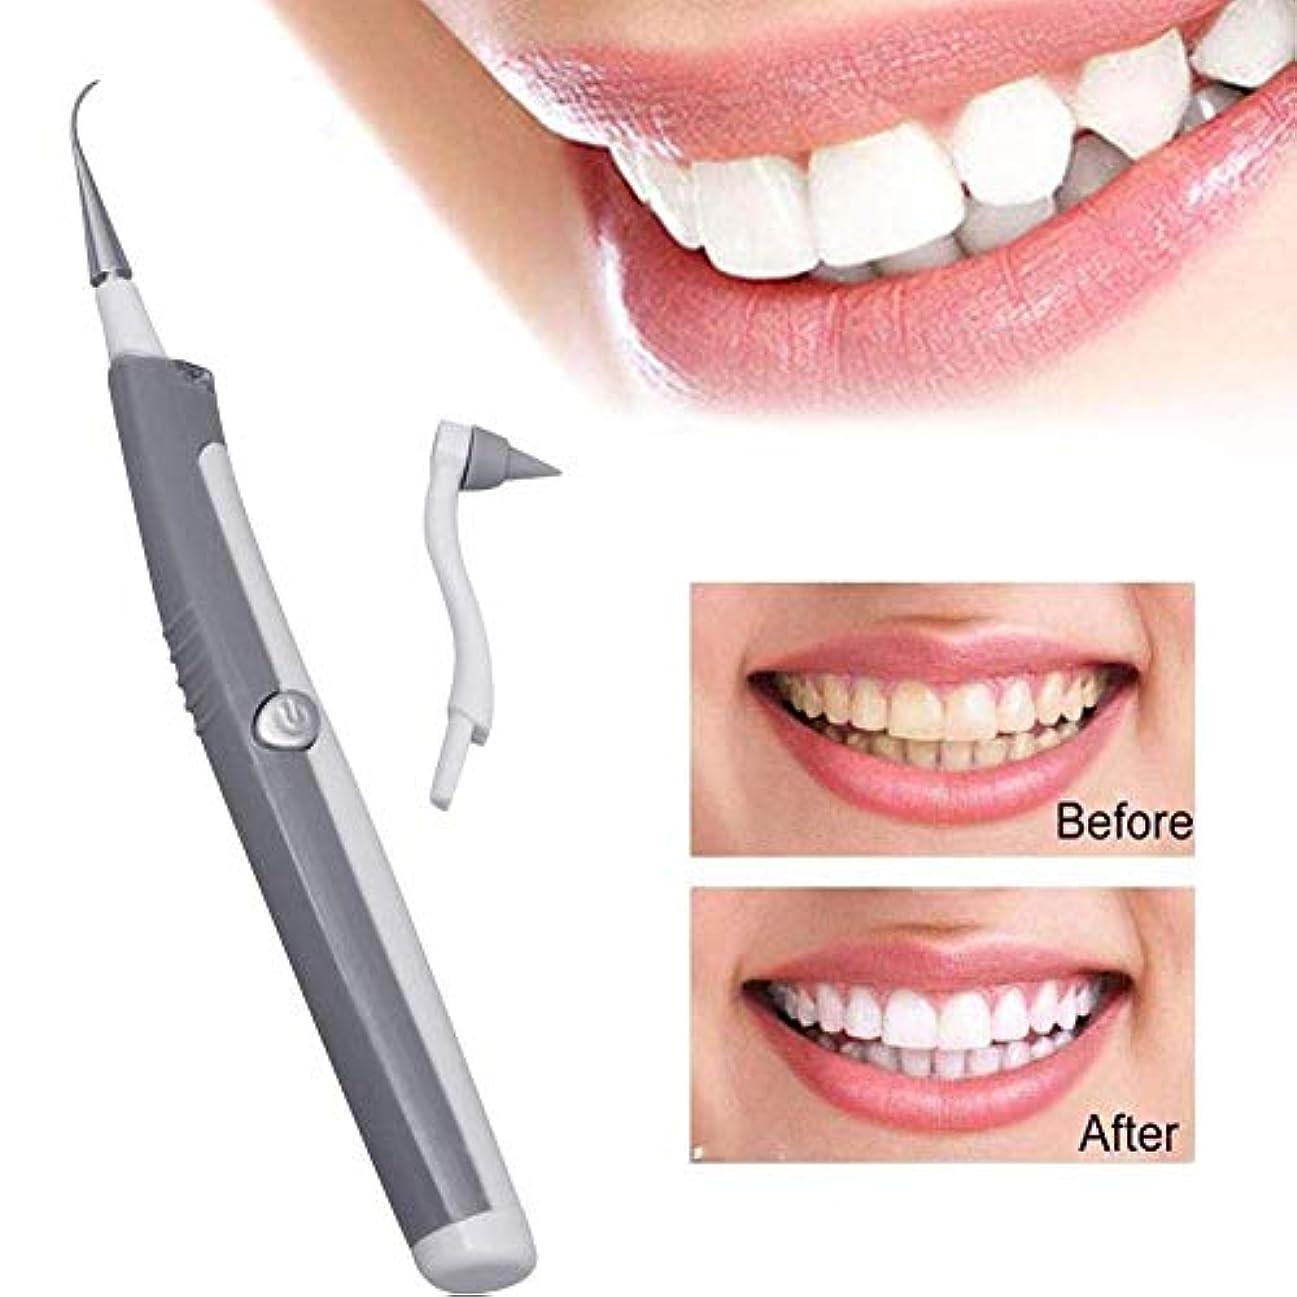 ペンダント報いる航海のLEDライト付きツールを白くする家庭用携帯用歯磨き粉電動歯の汚れ消しゴム振動歯